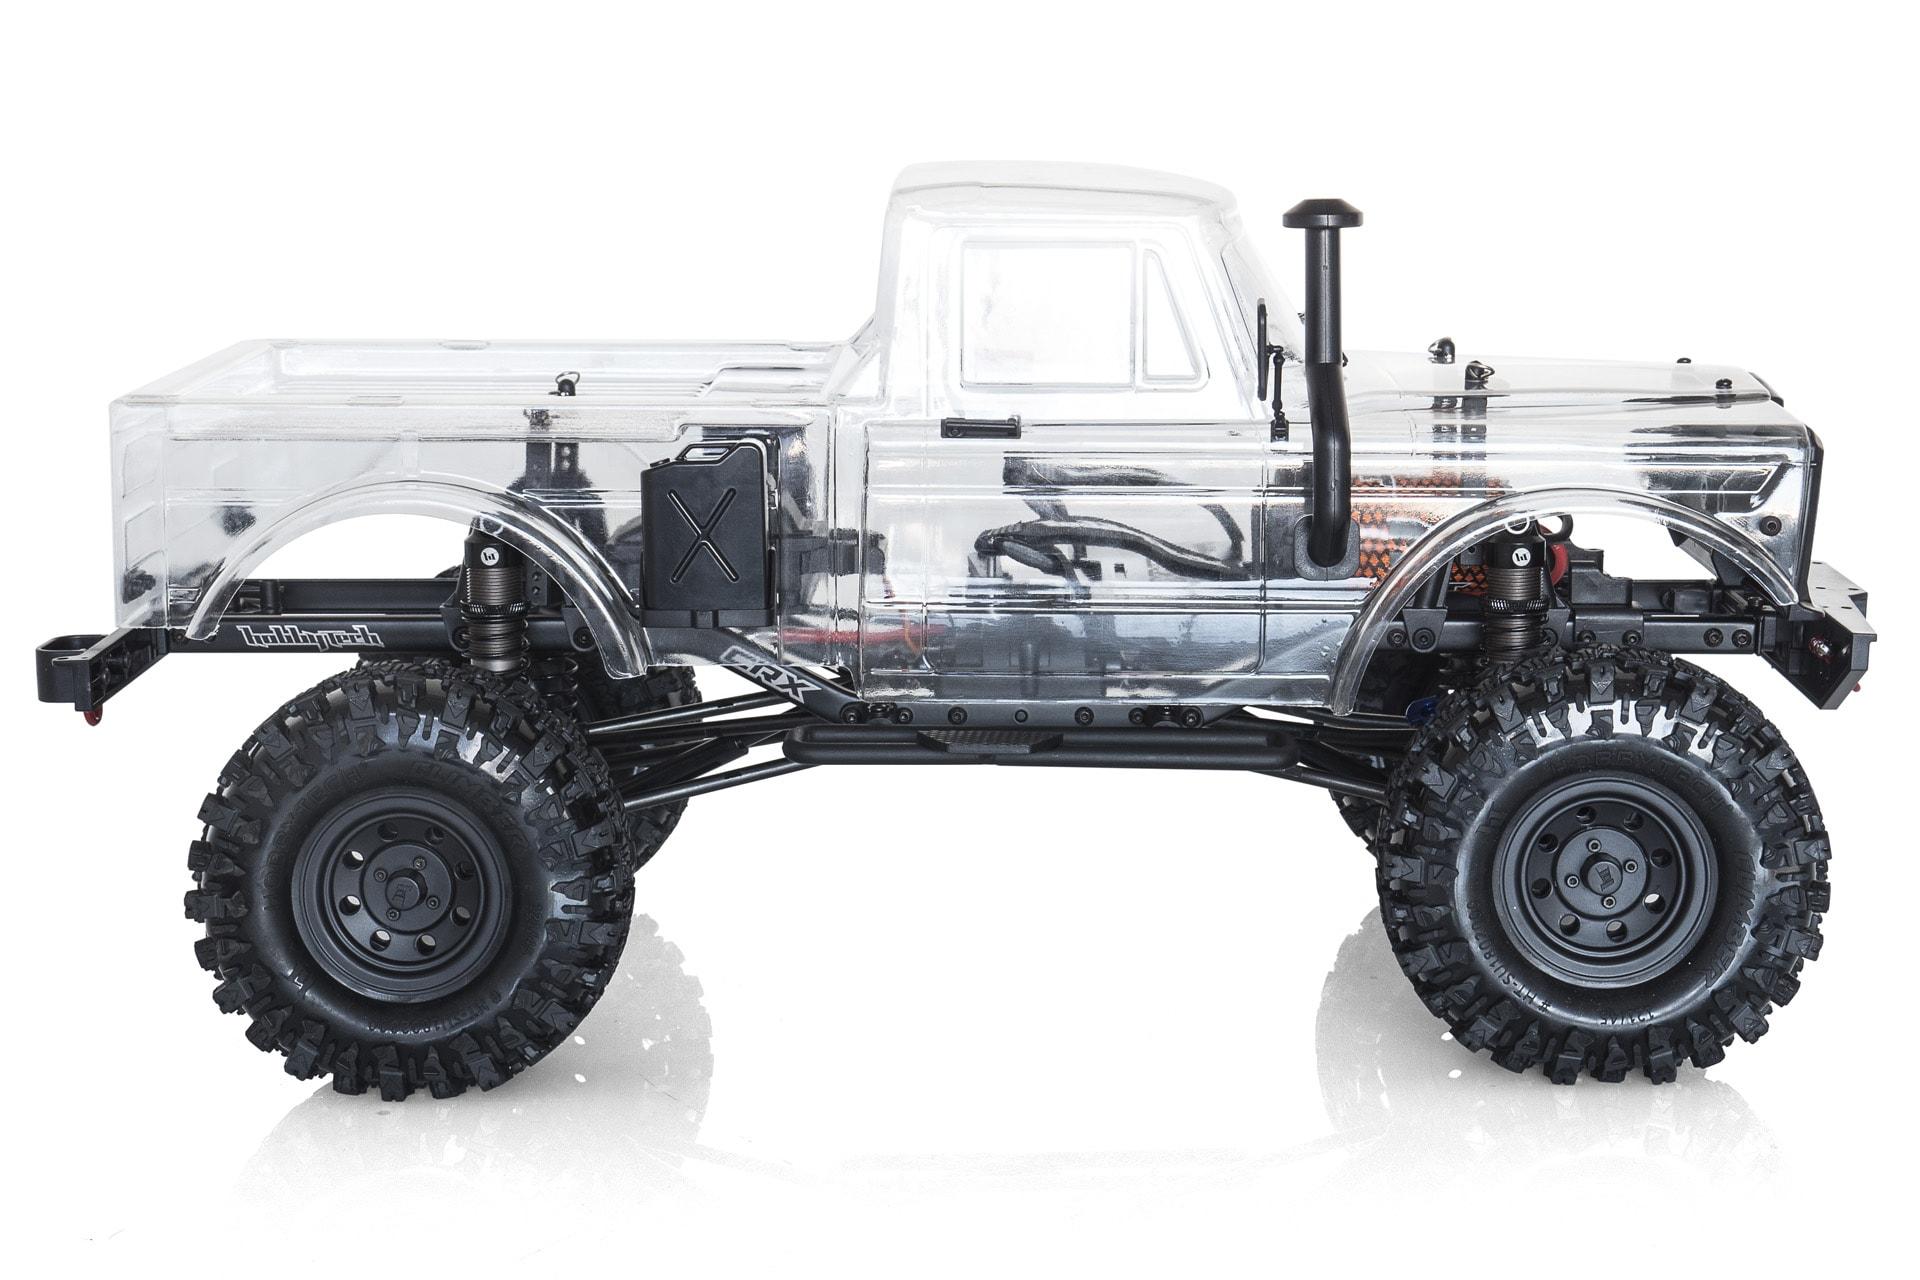 Hobbytech CRX v2 - Side